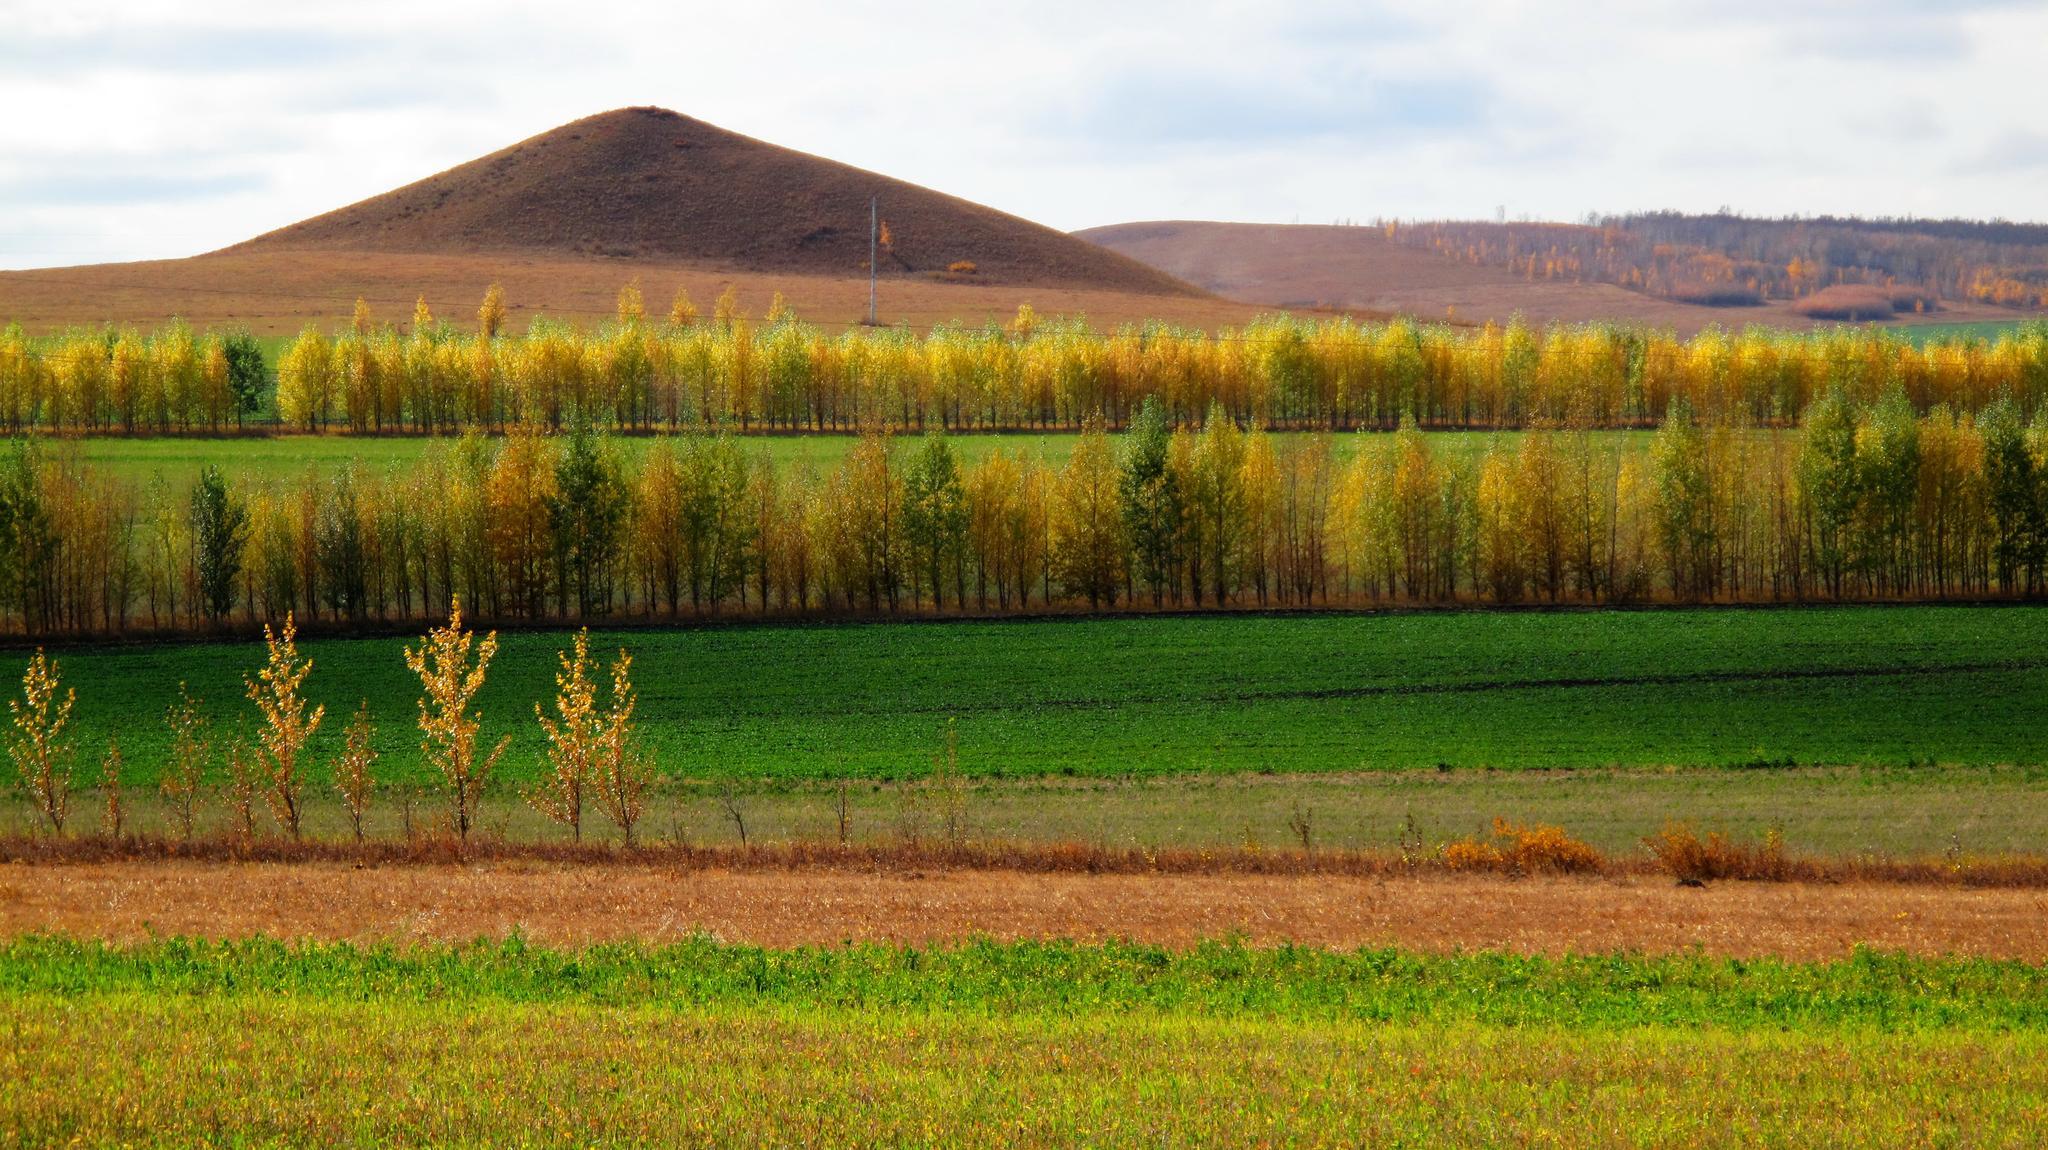 图为内蒙古额尔古纳市防护林秋季景色